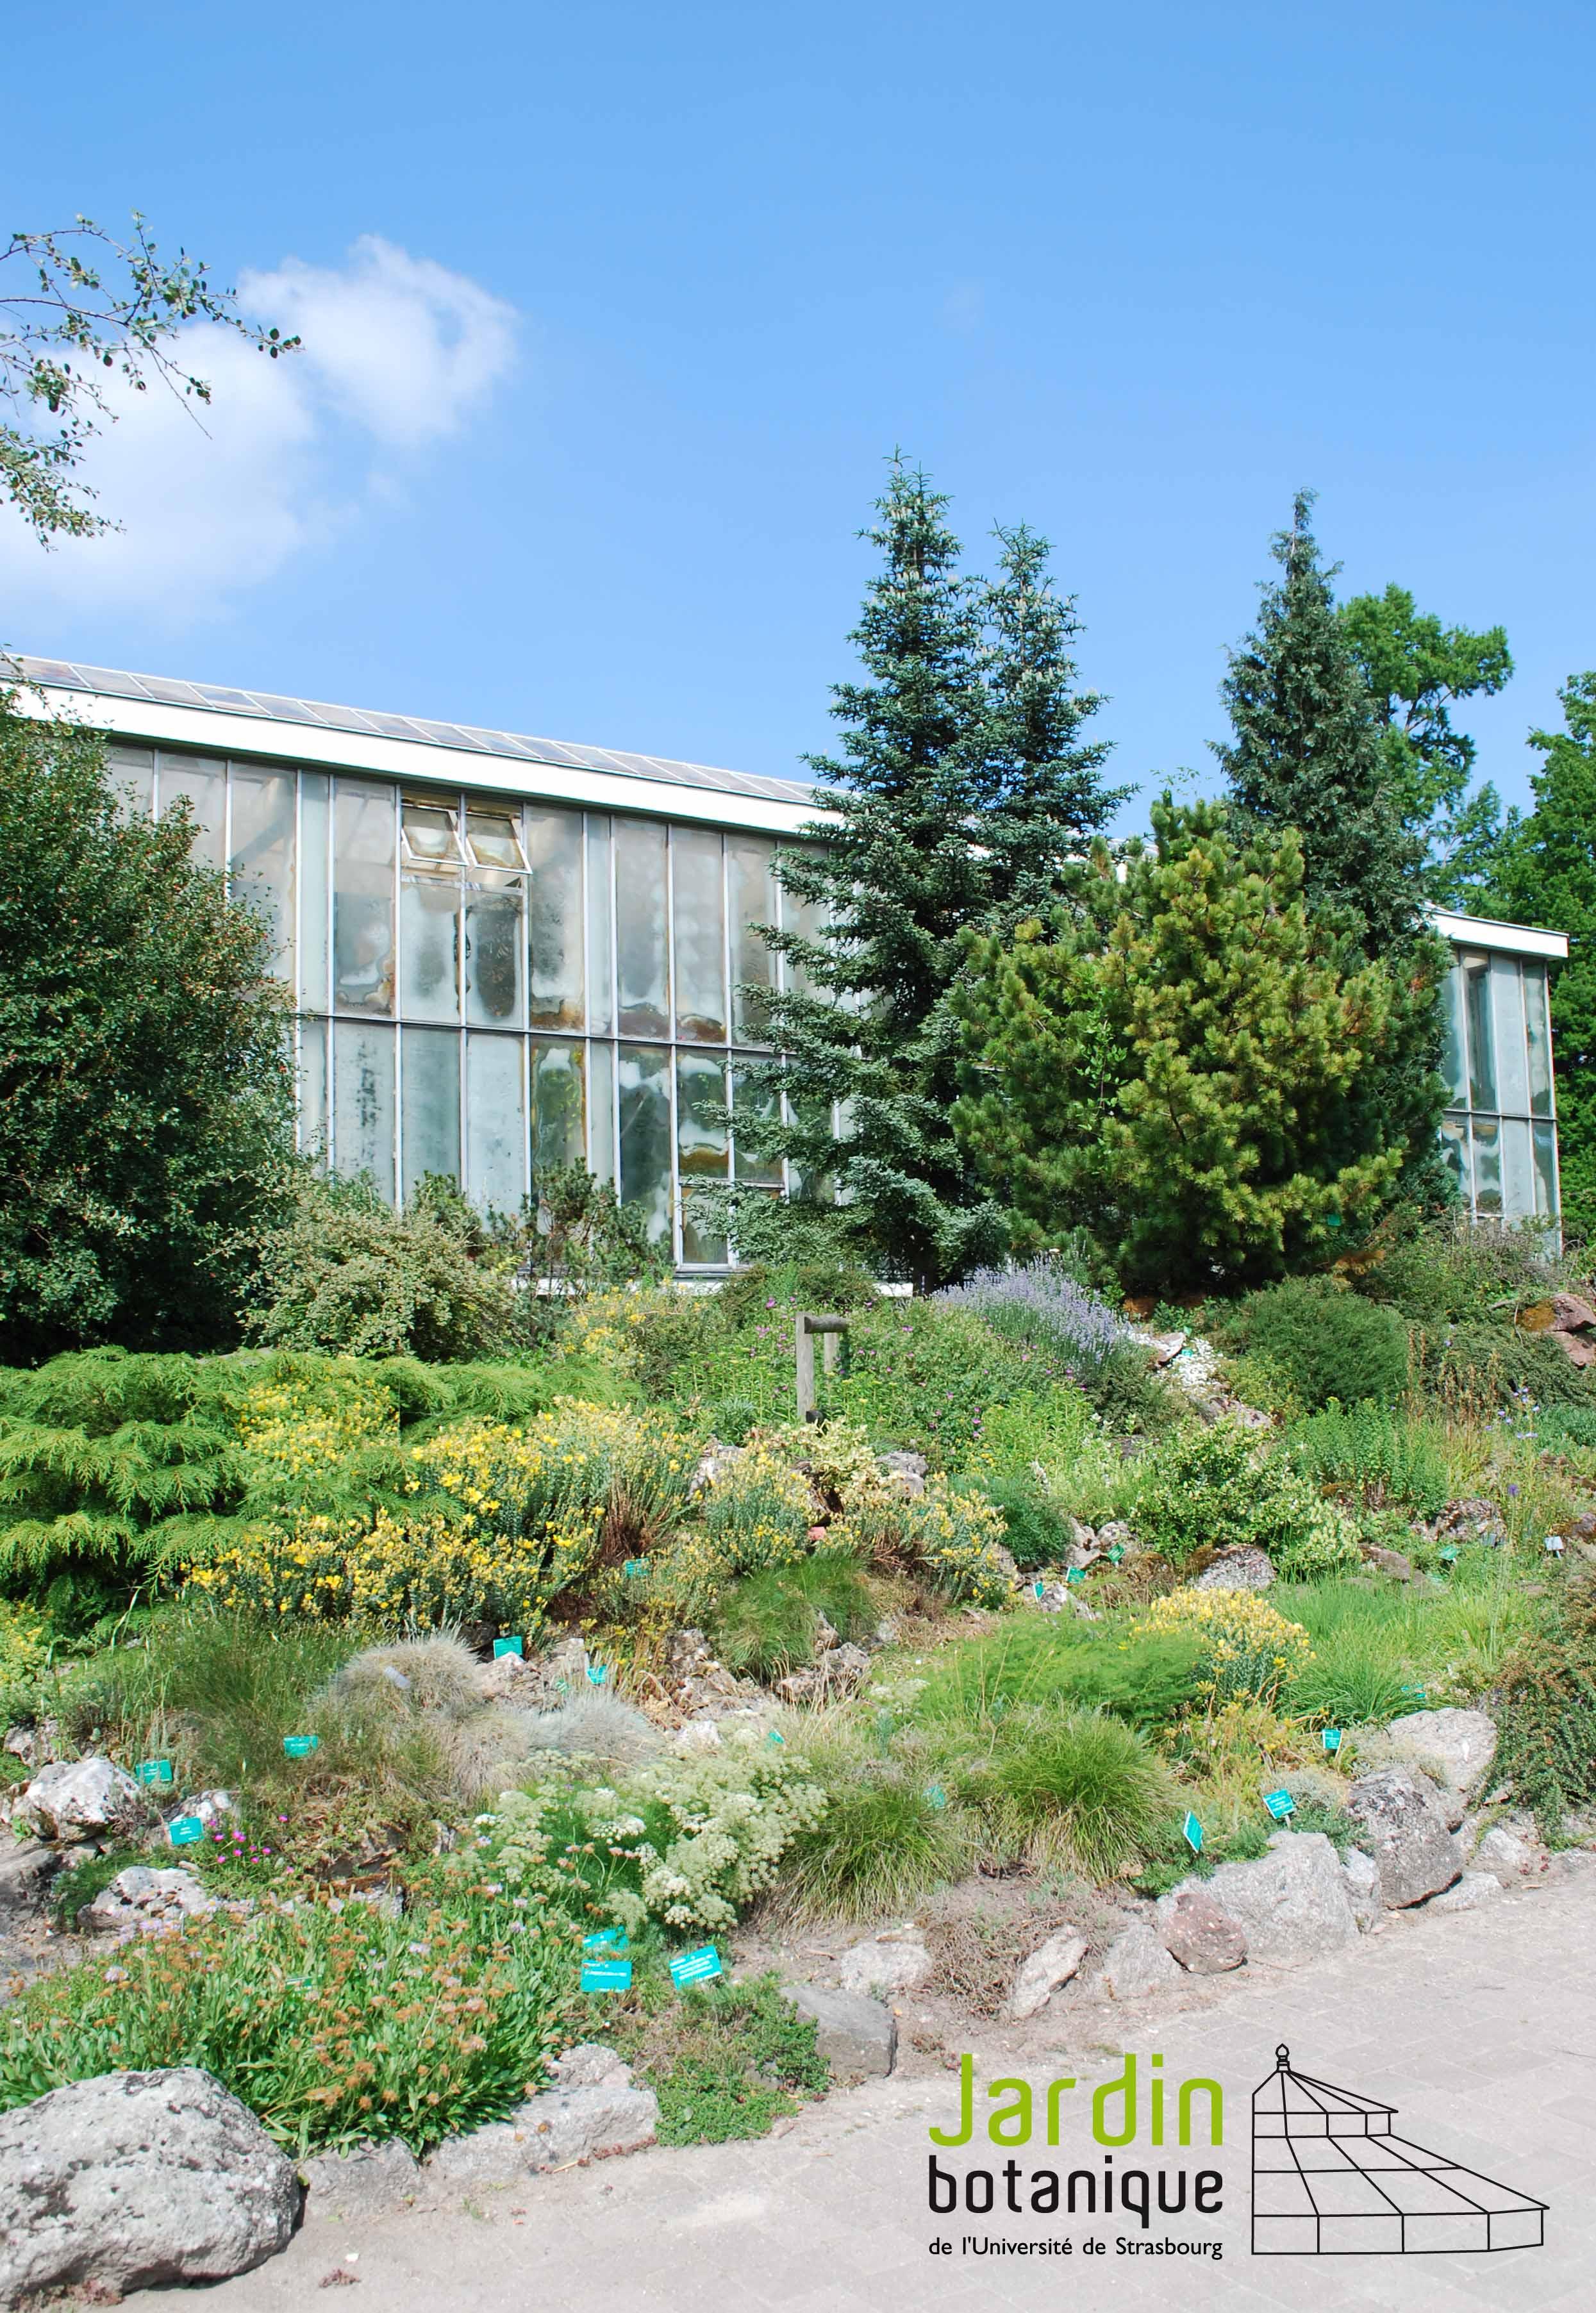 Le jardin botanique de l 39 universit de strasbourg promenades - Jardin botanique de l universite de strasbourg ...